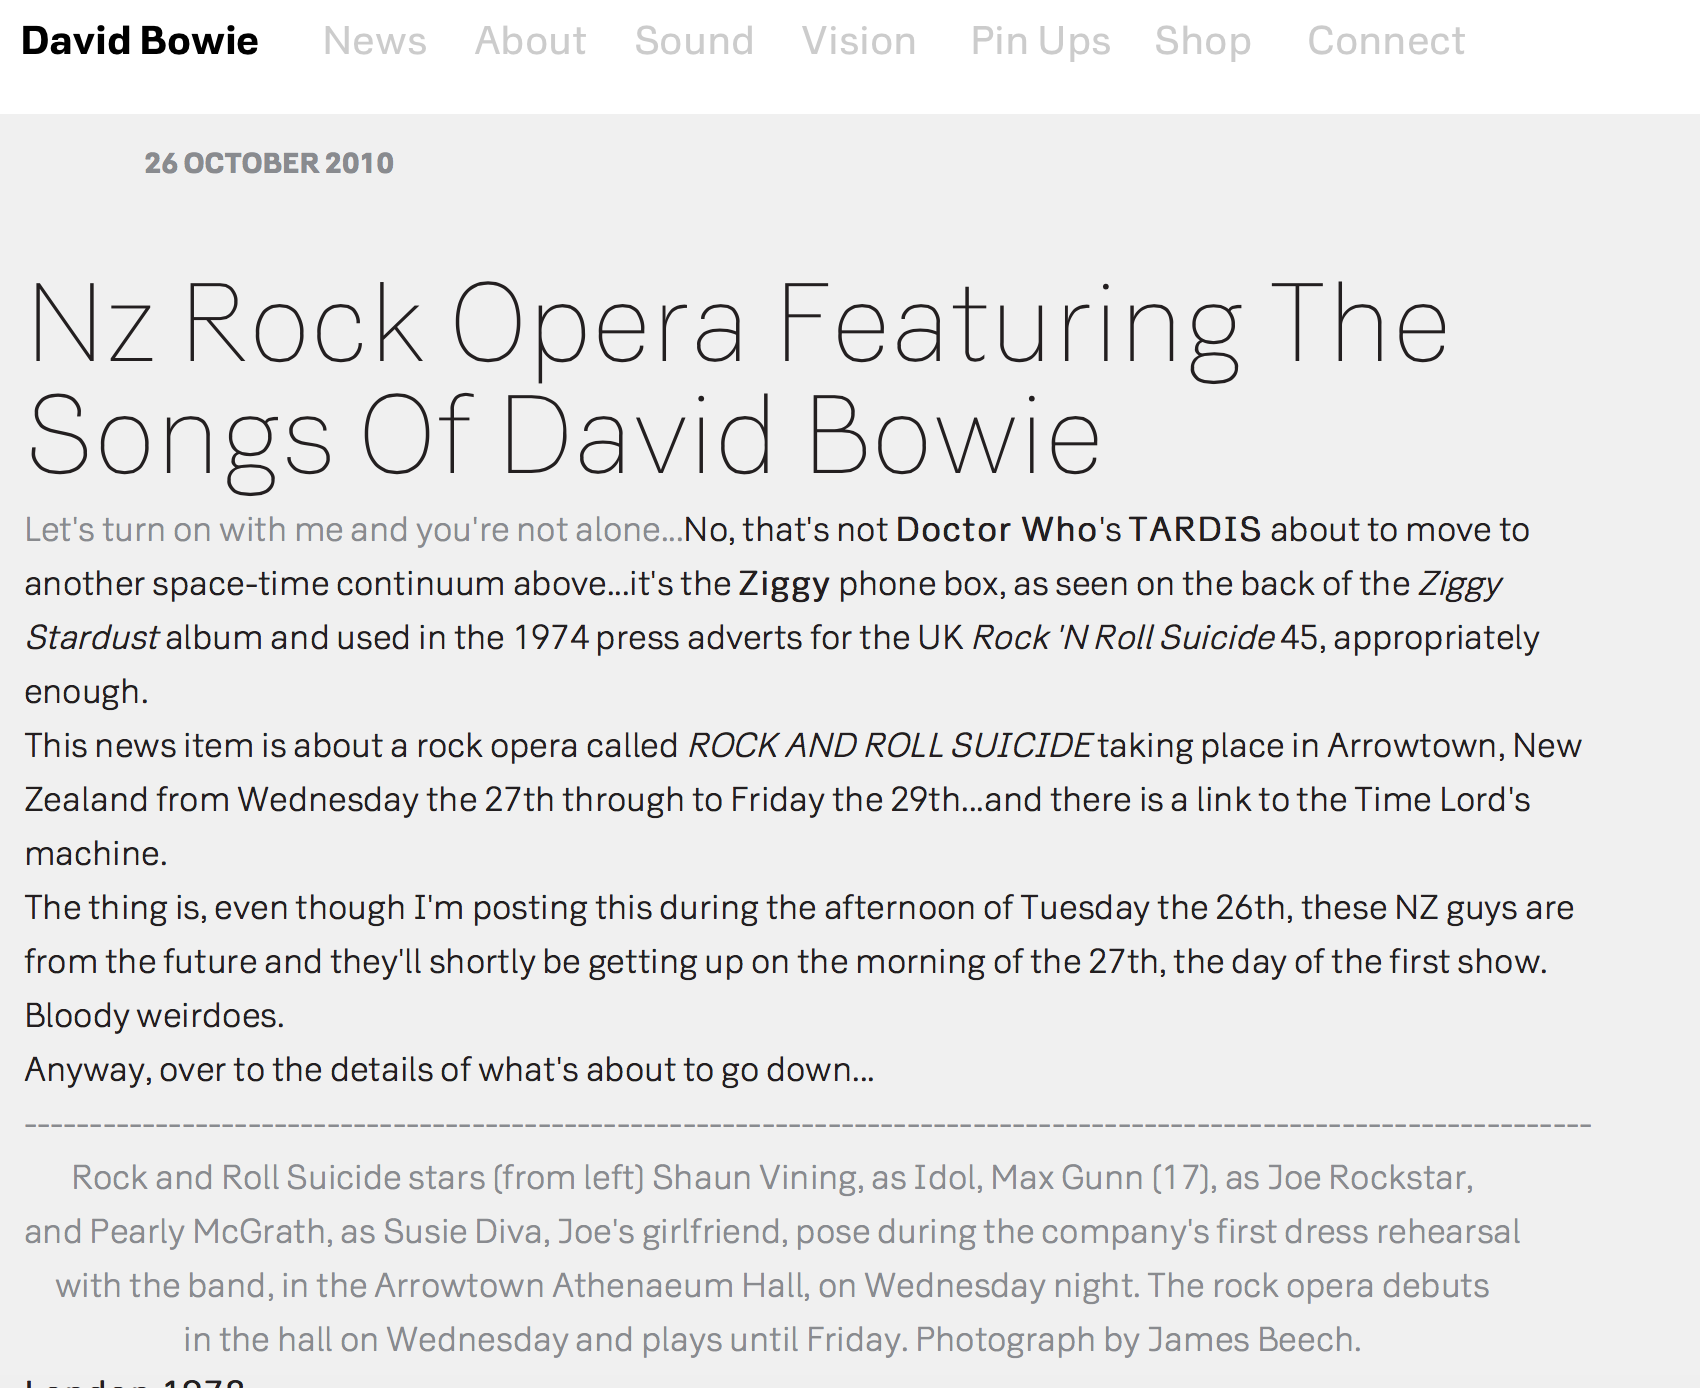 davidbowie.com